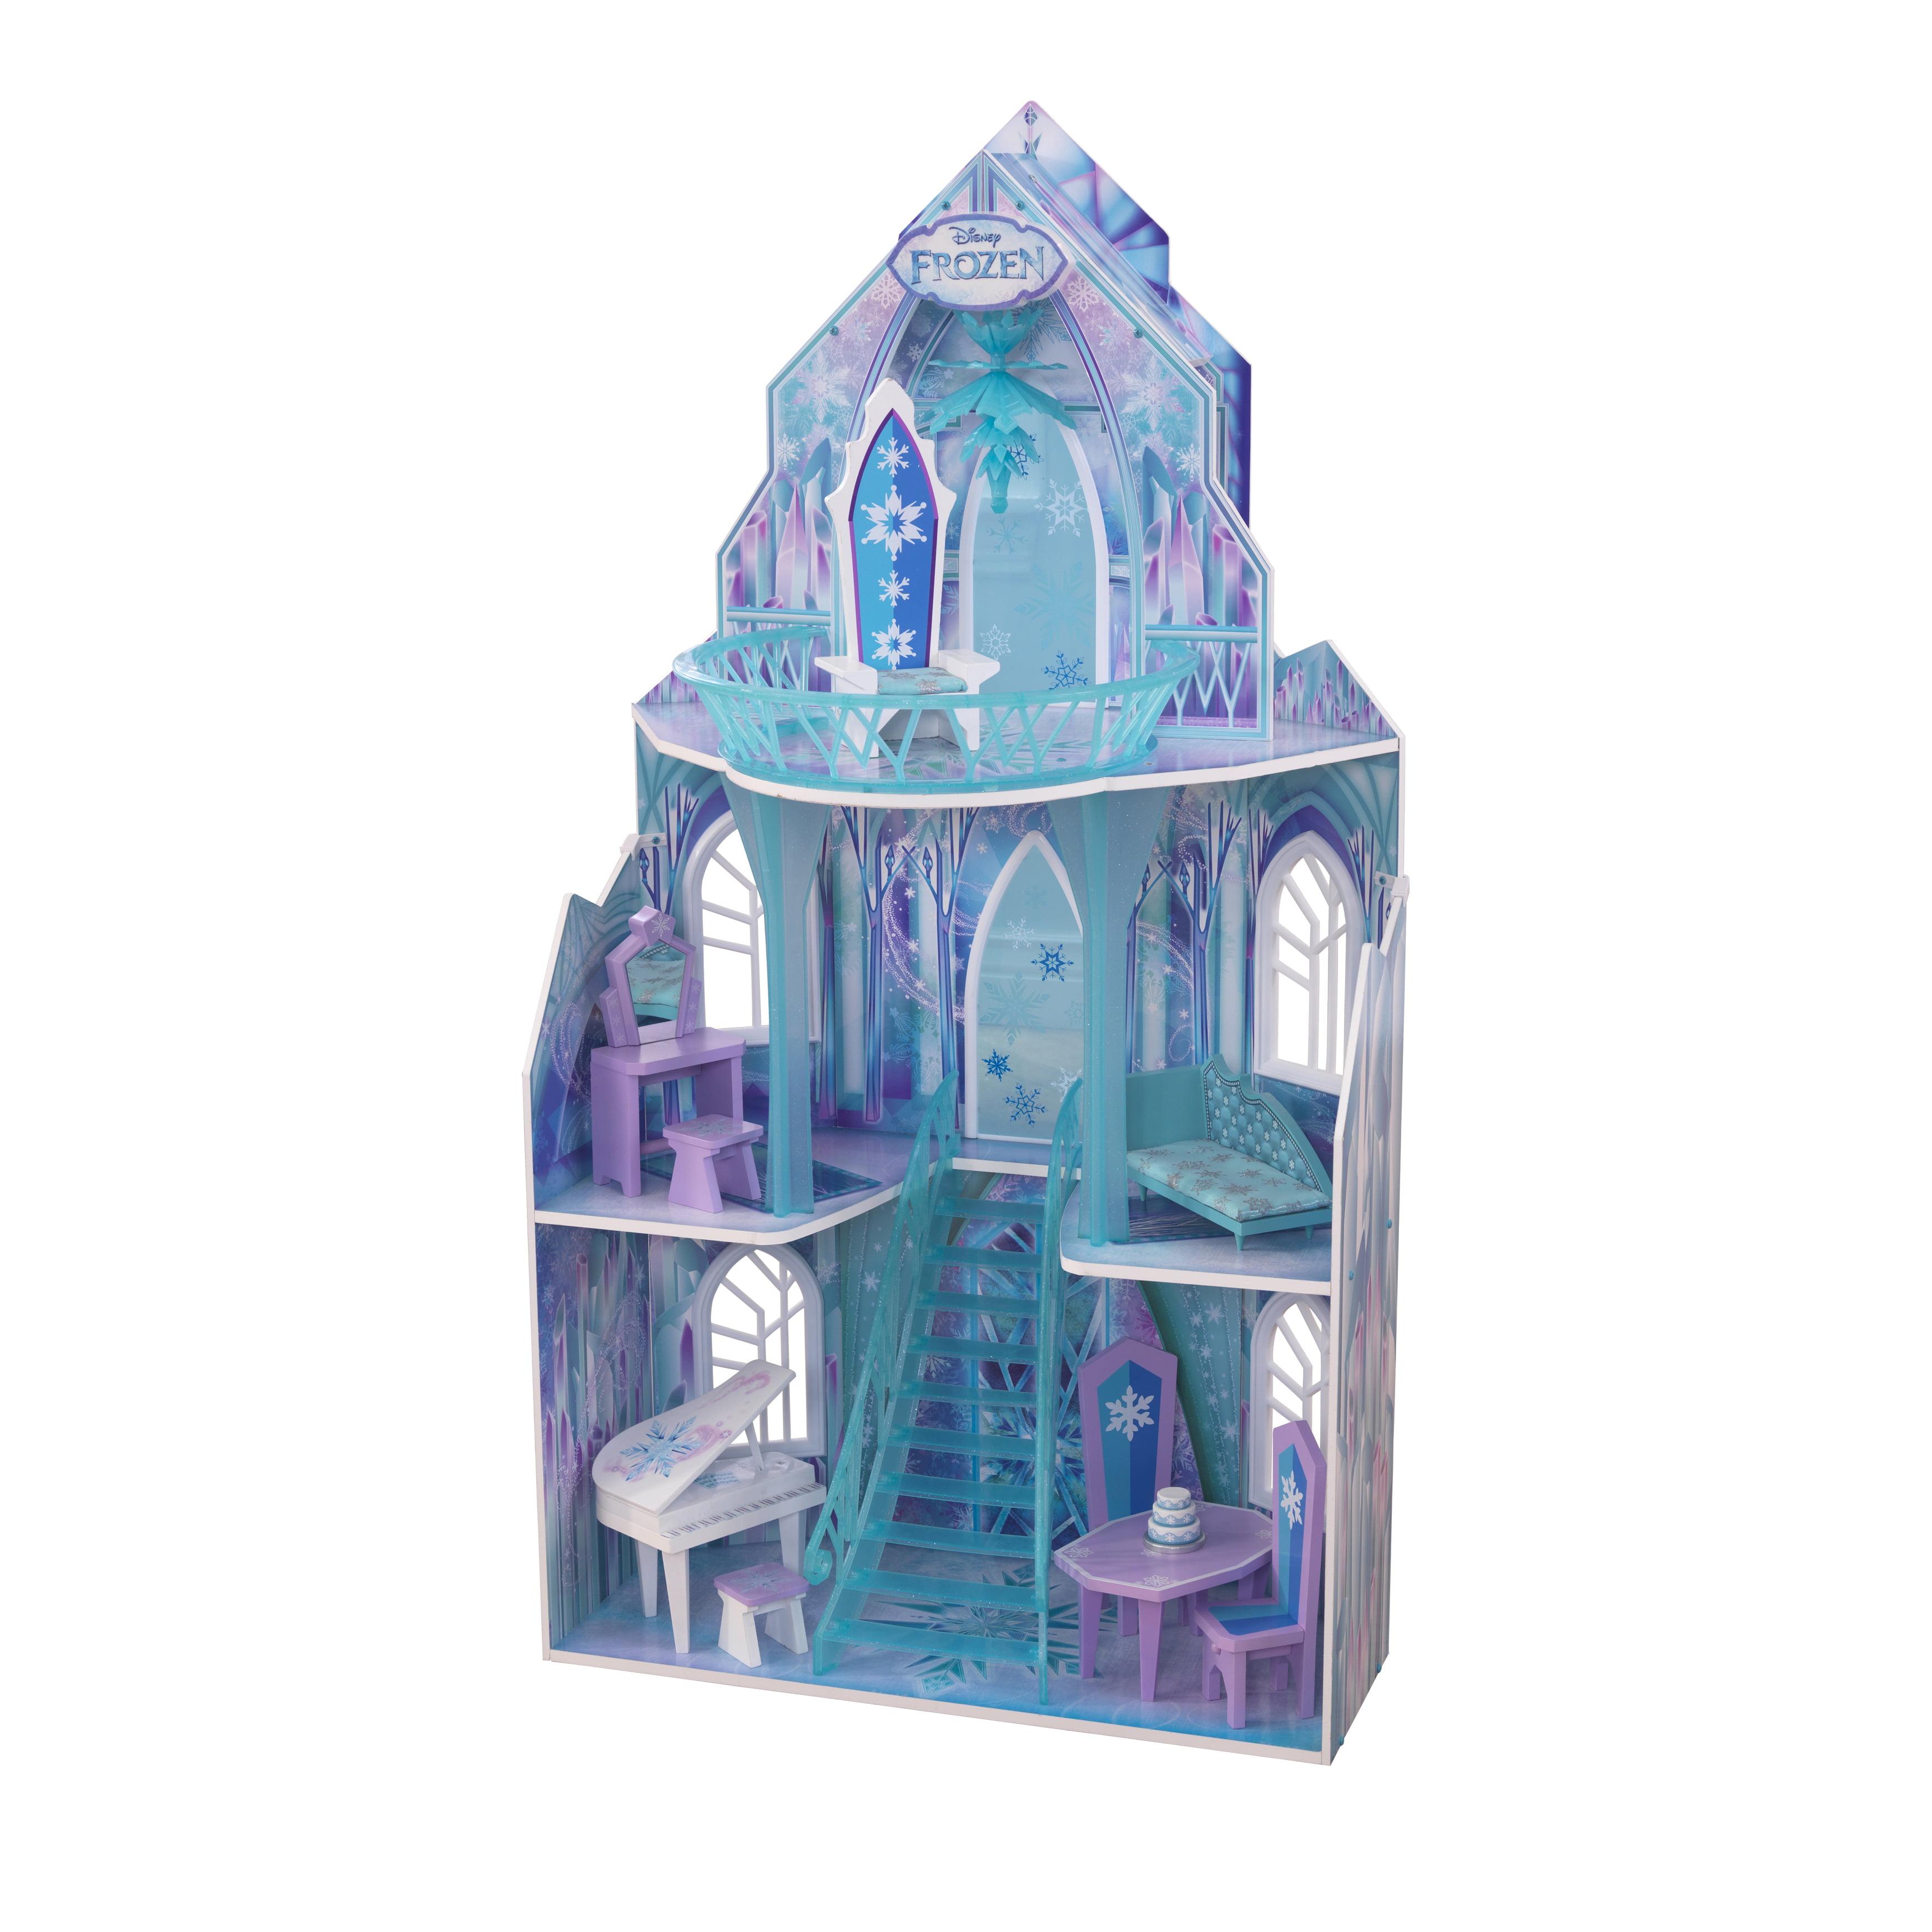 KidKraft Disney Frozen Ice Castle Dollhouse with 11 Accessories by KidKraft